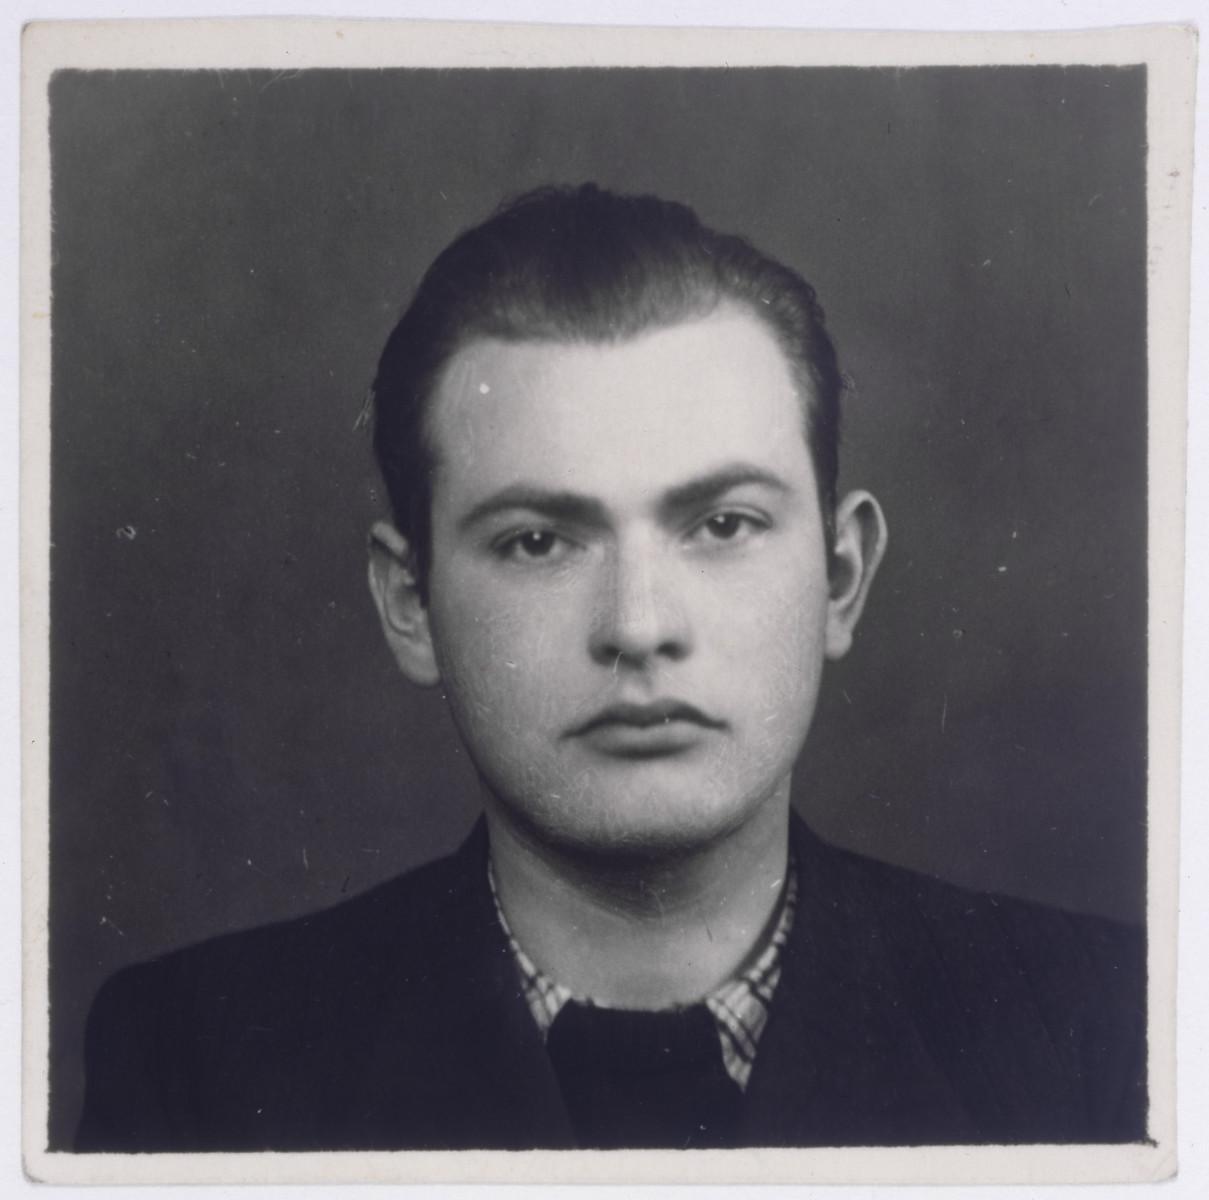 Studio portrait of Juliusz Kleiner, a friend of the donor.